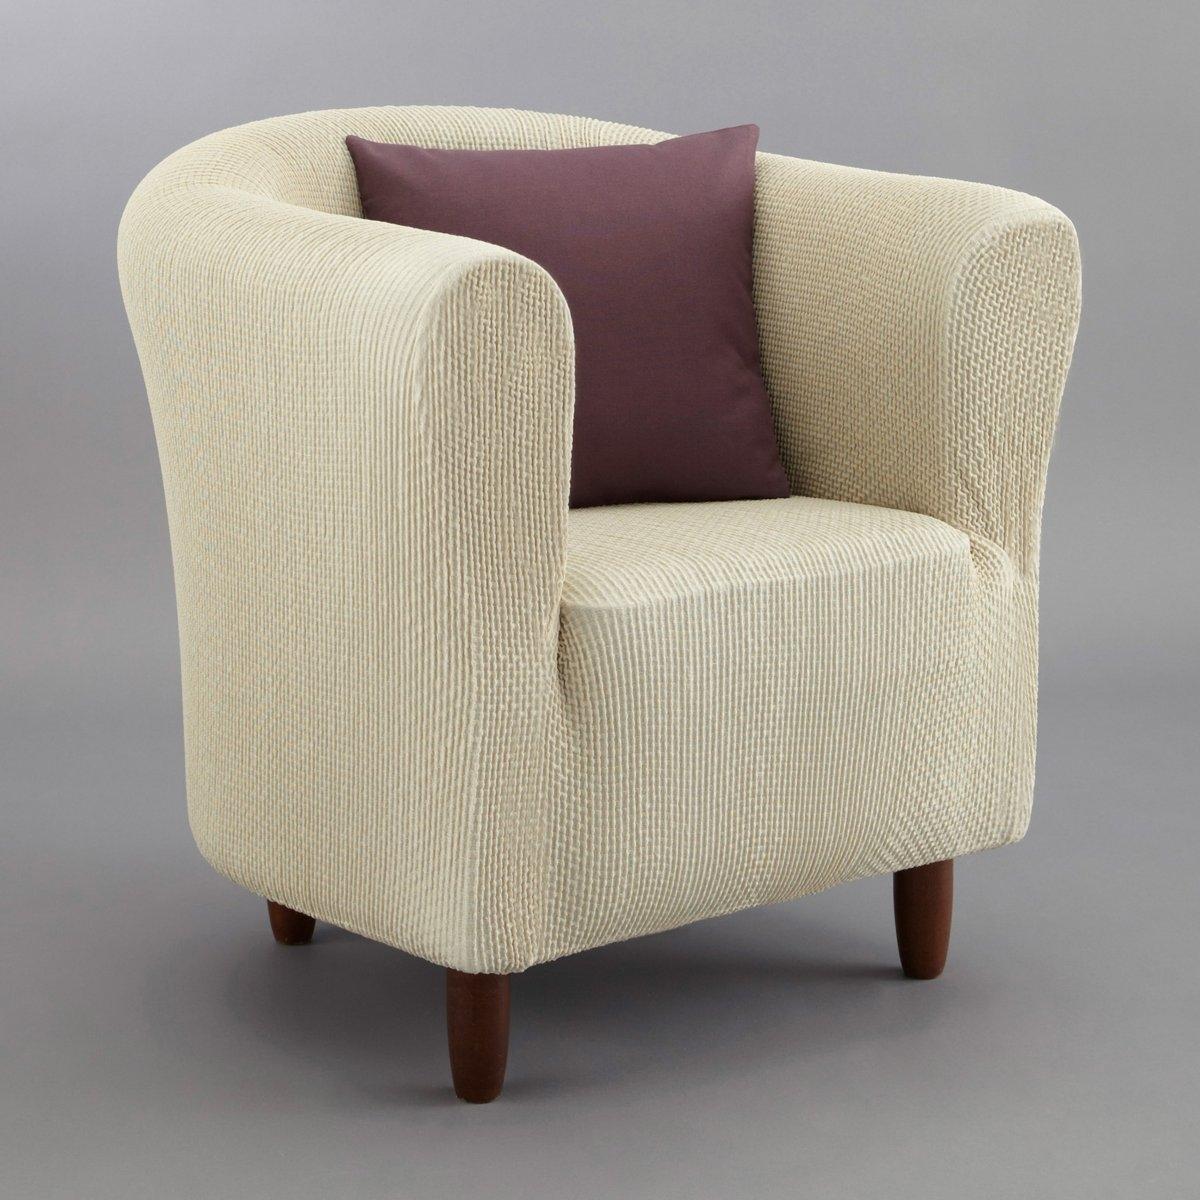 Чехол для креслаИз эластичной гофрированной ткани, 55% хлопка, 40% полиэстера, 5% эластана. Стирка при 30°. Эластичный низ.<br><br>Цвет: антрацит,бежевый,красный,серо-коричневый каштан,серый,черный,экрю<br>Размер: единый размер.единый размер.единый размер.единый размер.единый размер